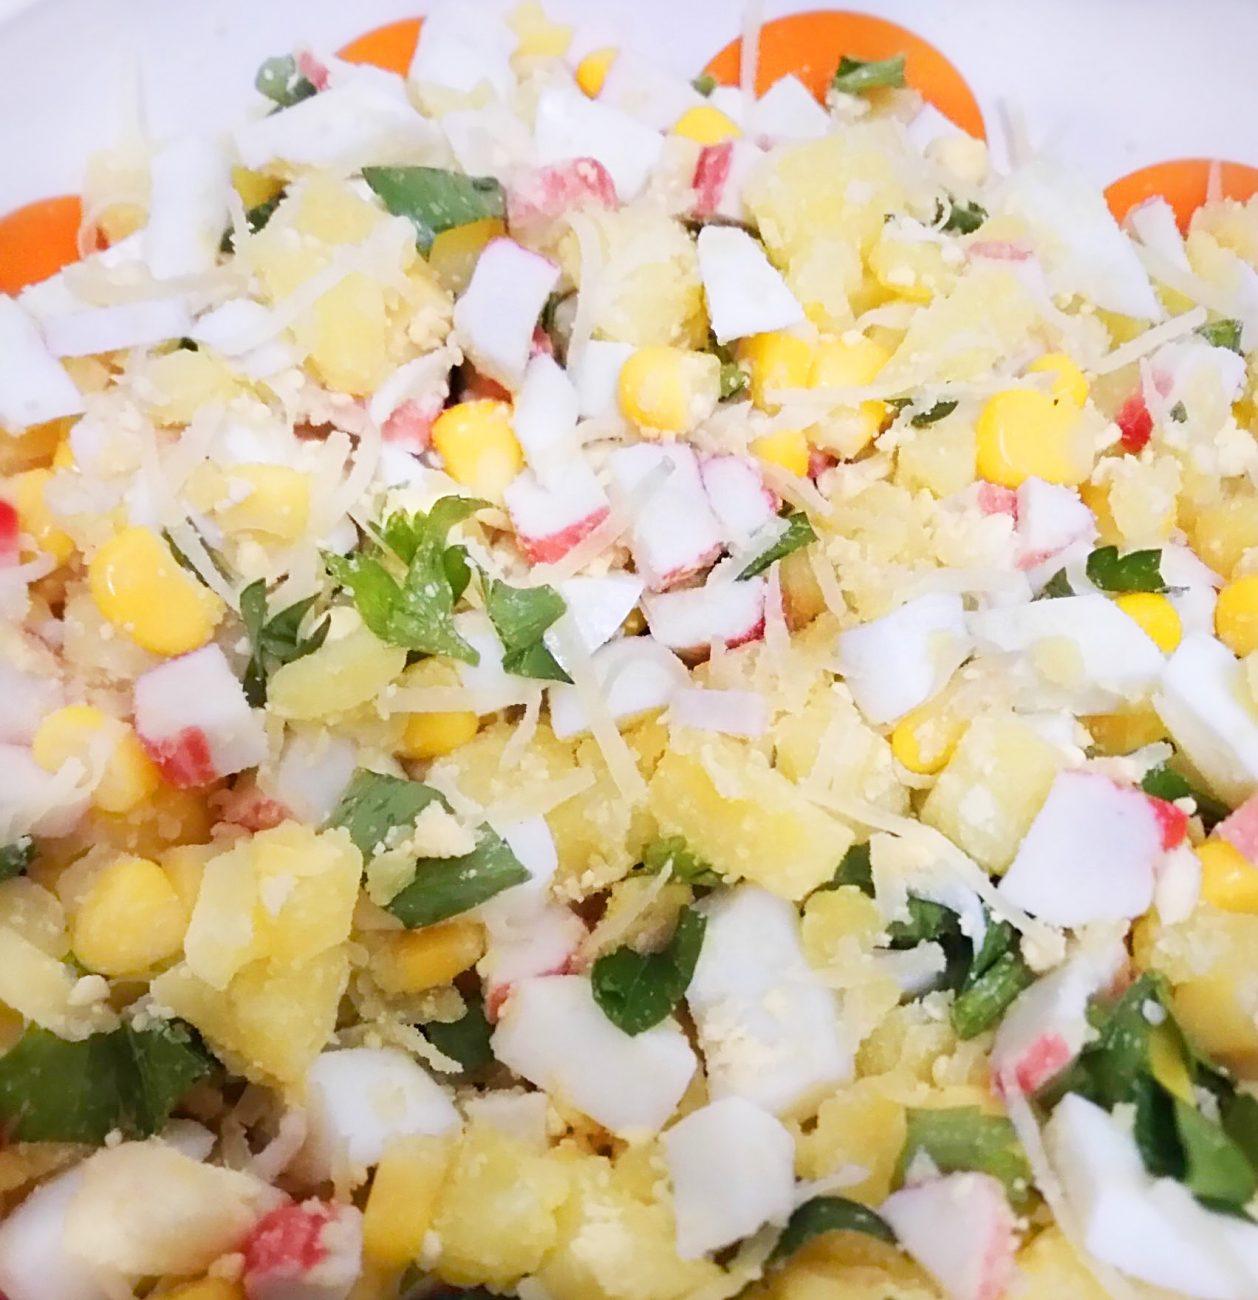 Картофельный салат с кукурузой и крабами «Жёлтая поляна»